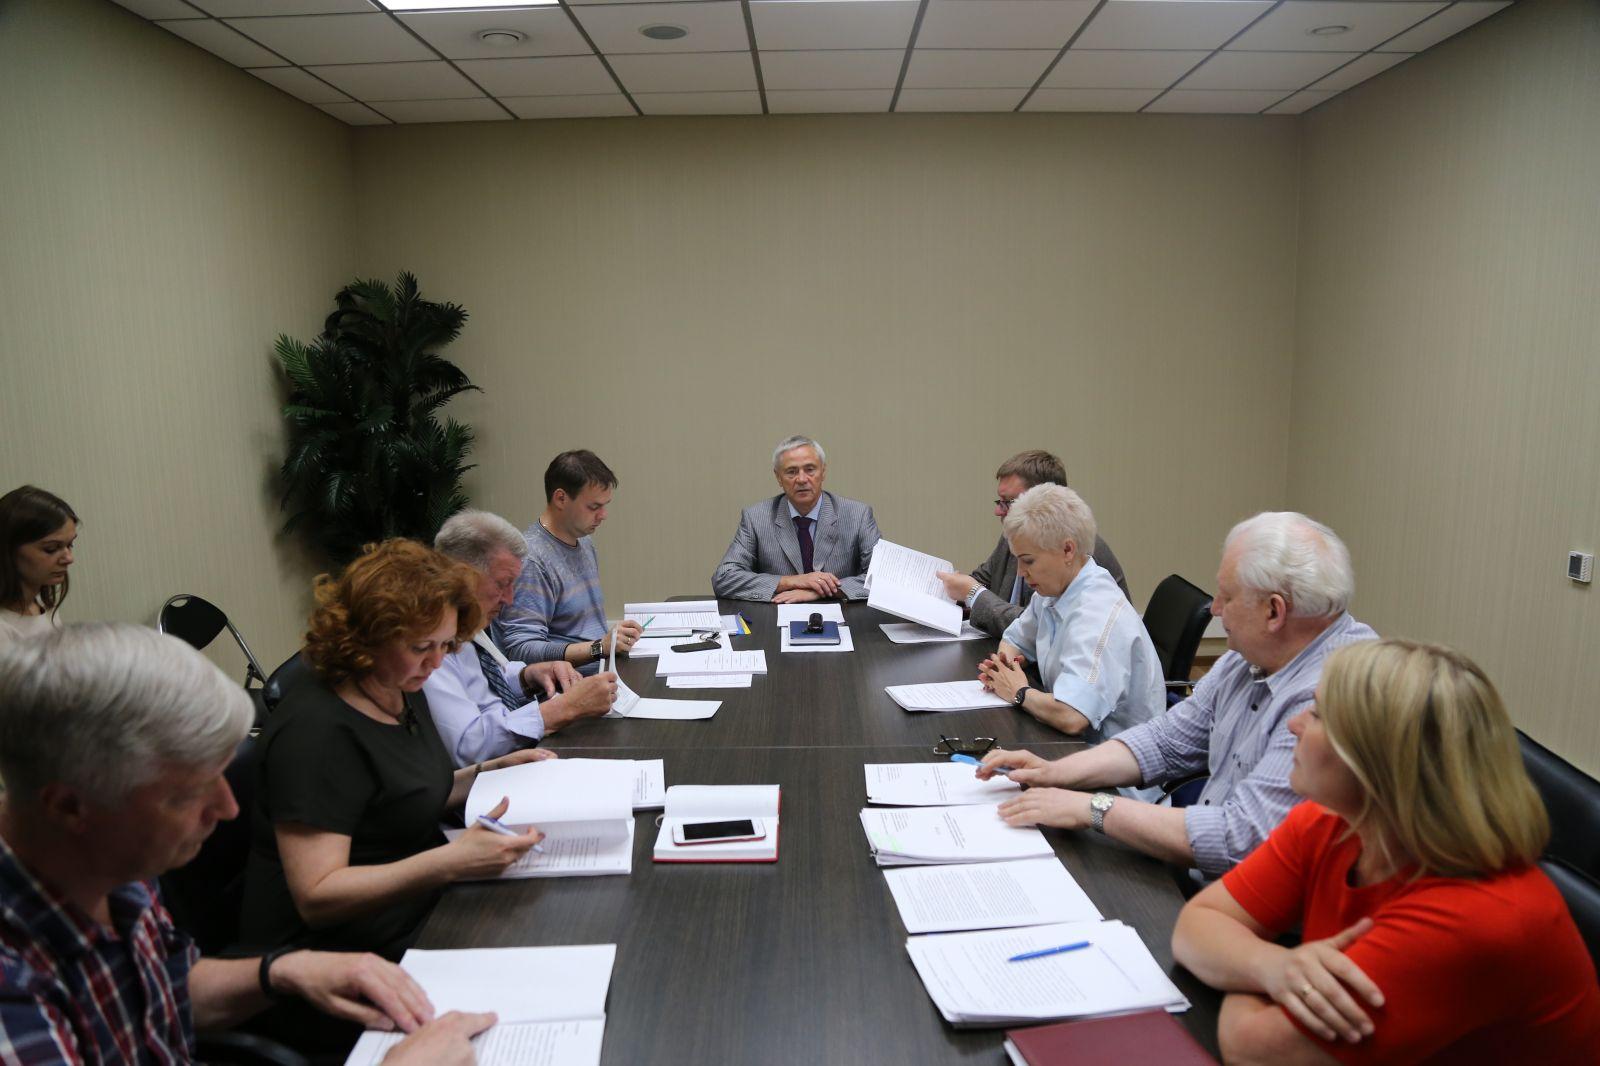 П.А. Рожков в офисе ПКР провел совещание руководителей и представителей Общероссийских спортивных федераций по видам инвалидности и руководителей ПКР